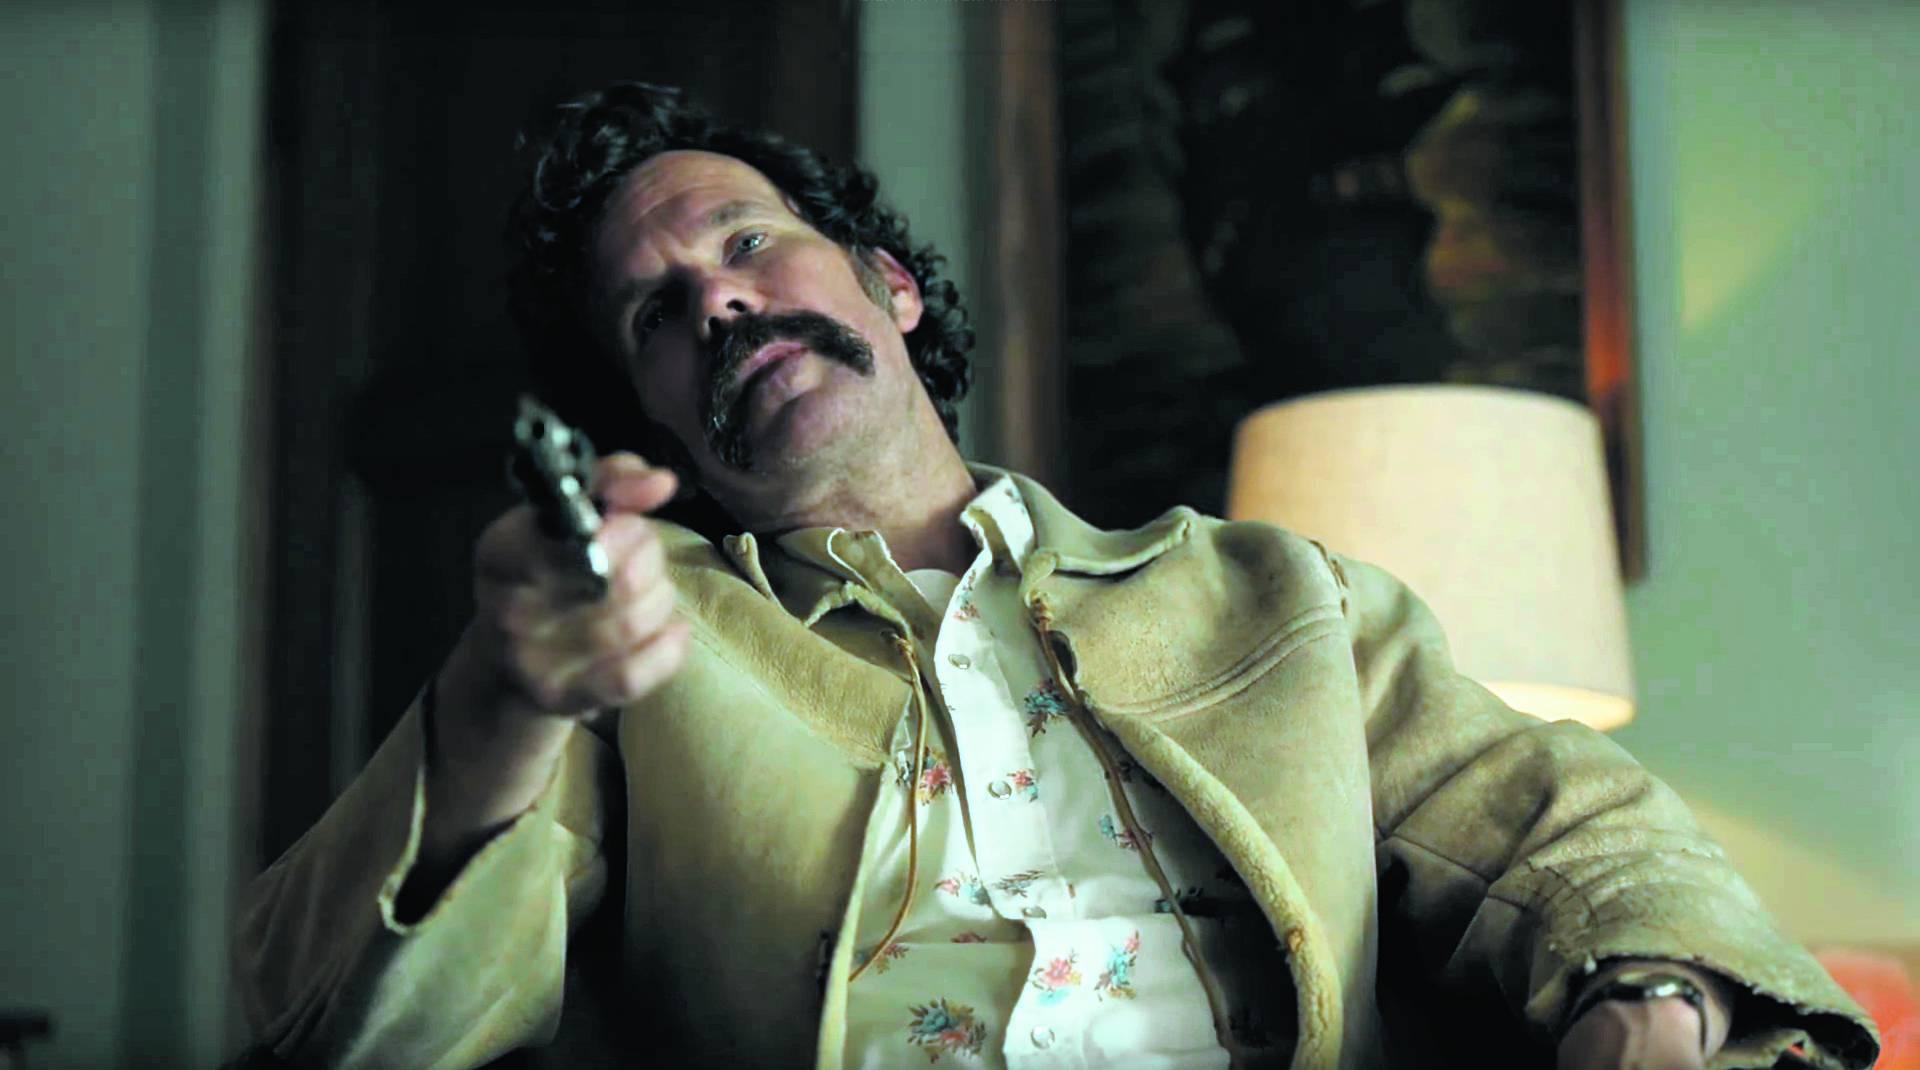 Kad plaćeni ubojica želi biti veliki hollywoodski producent